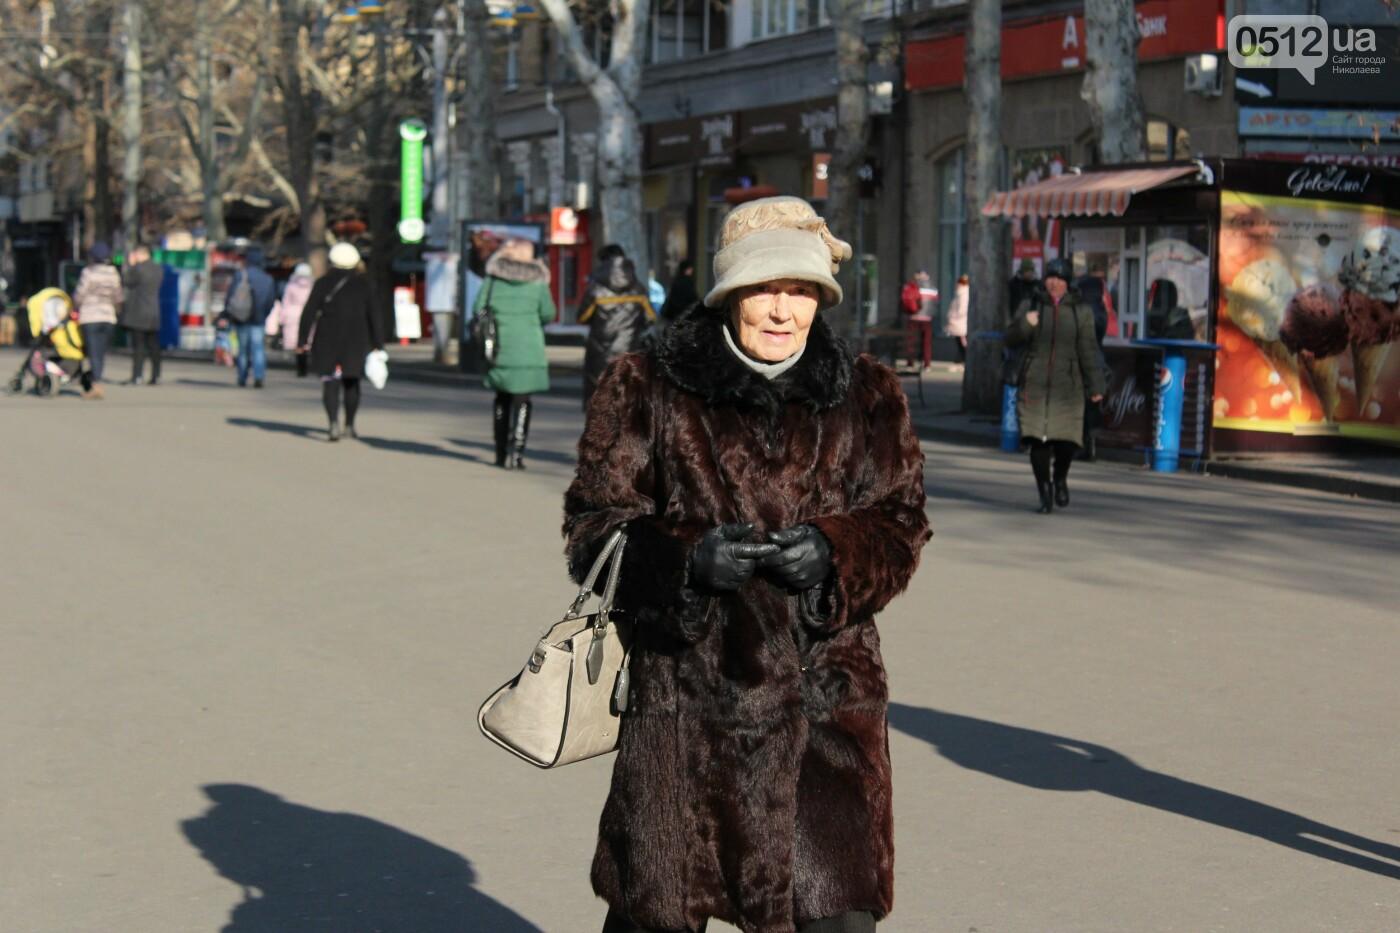 Всемирный день объятий: николаевские журналисты решили порадовать случайных прохожих, - ФОТО, фото-6